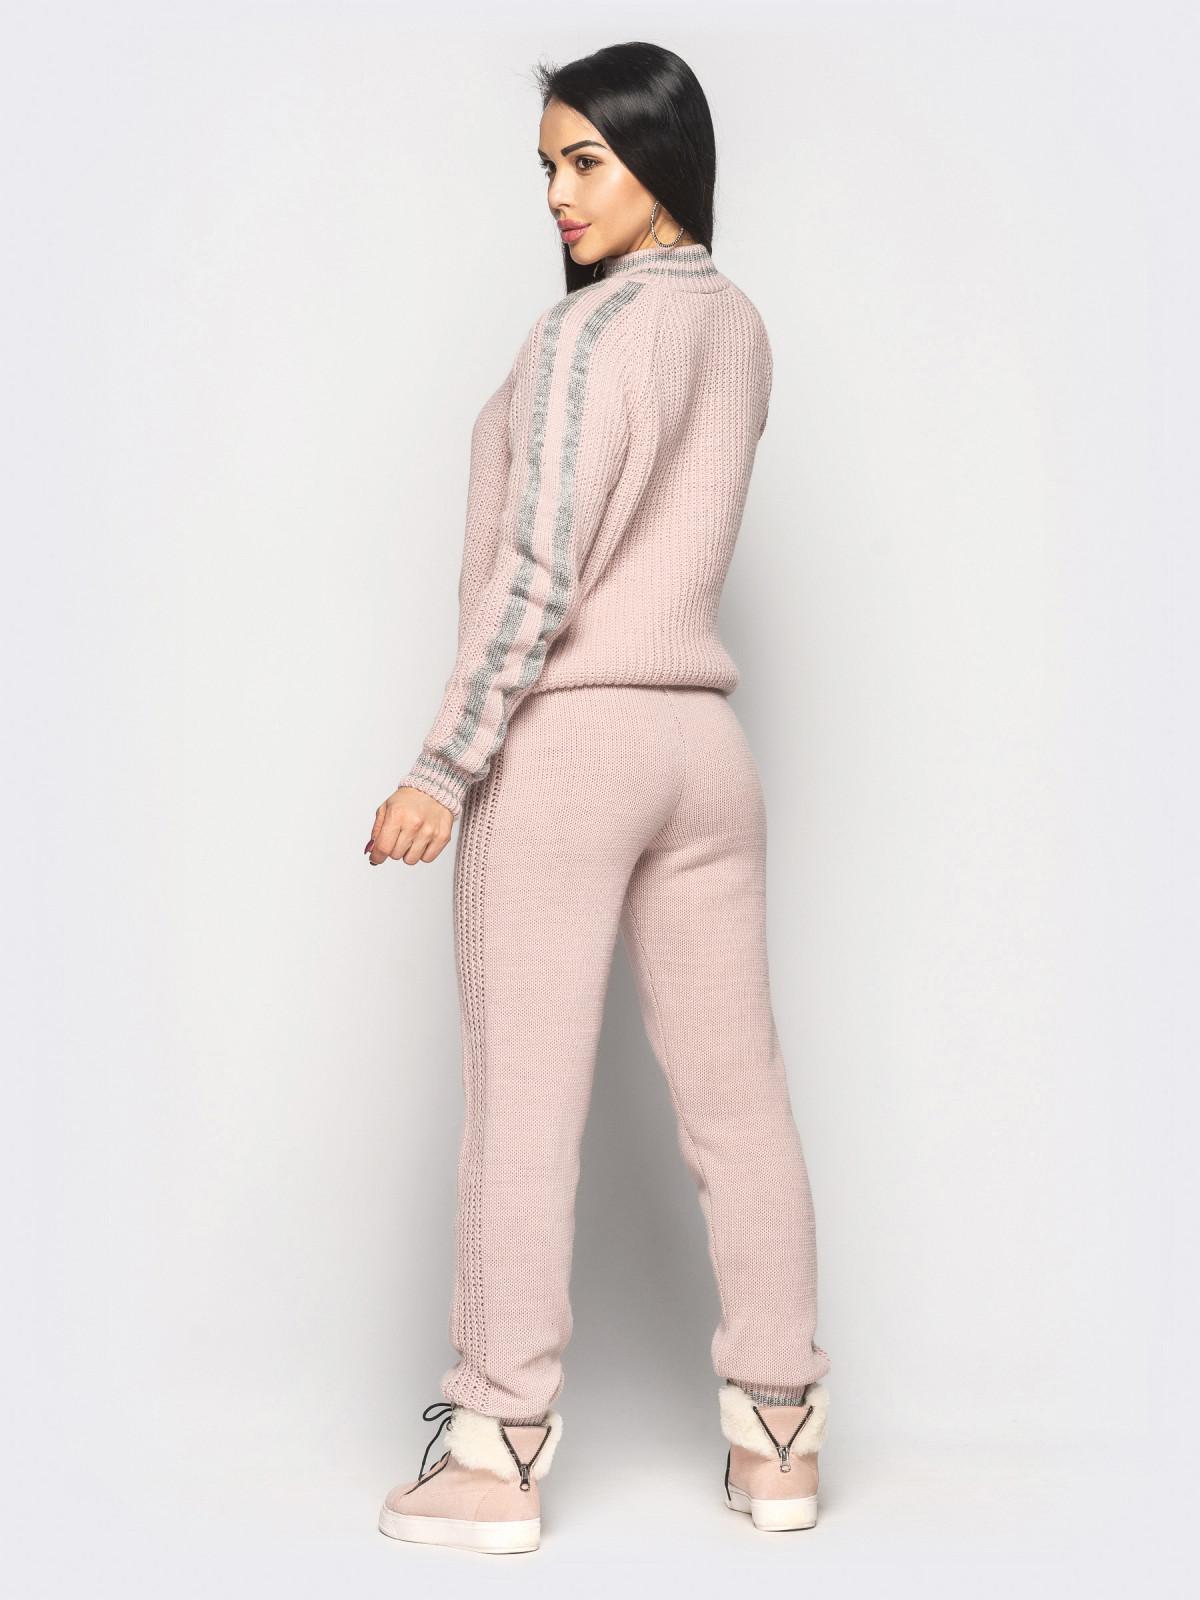 Комплект вязаный Chivas розовый-серый